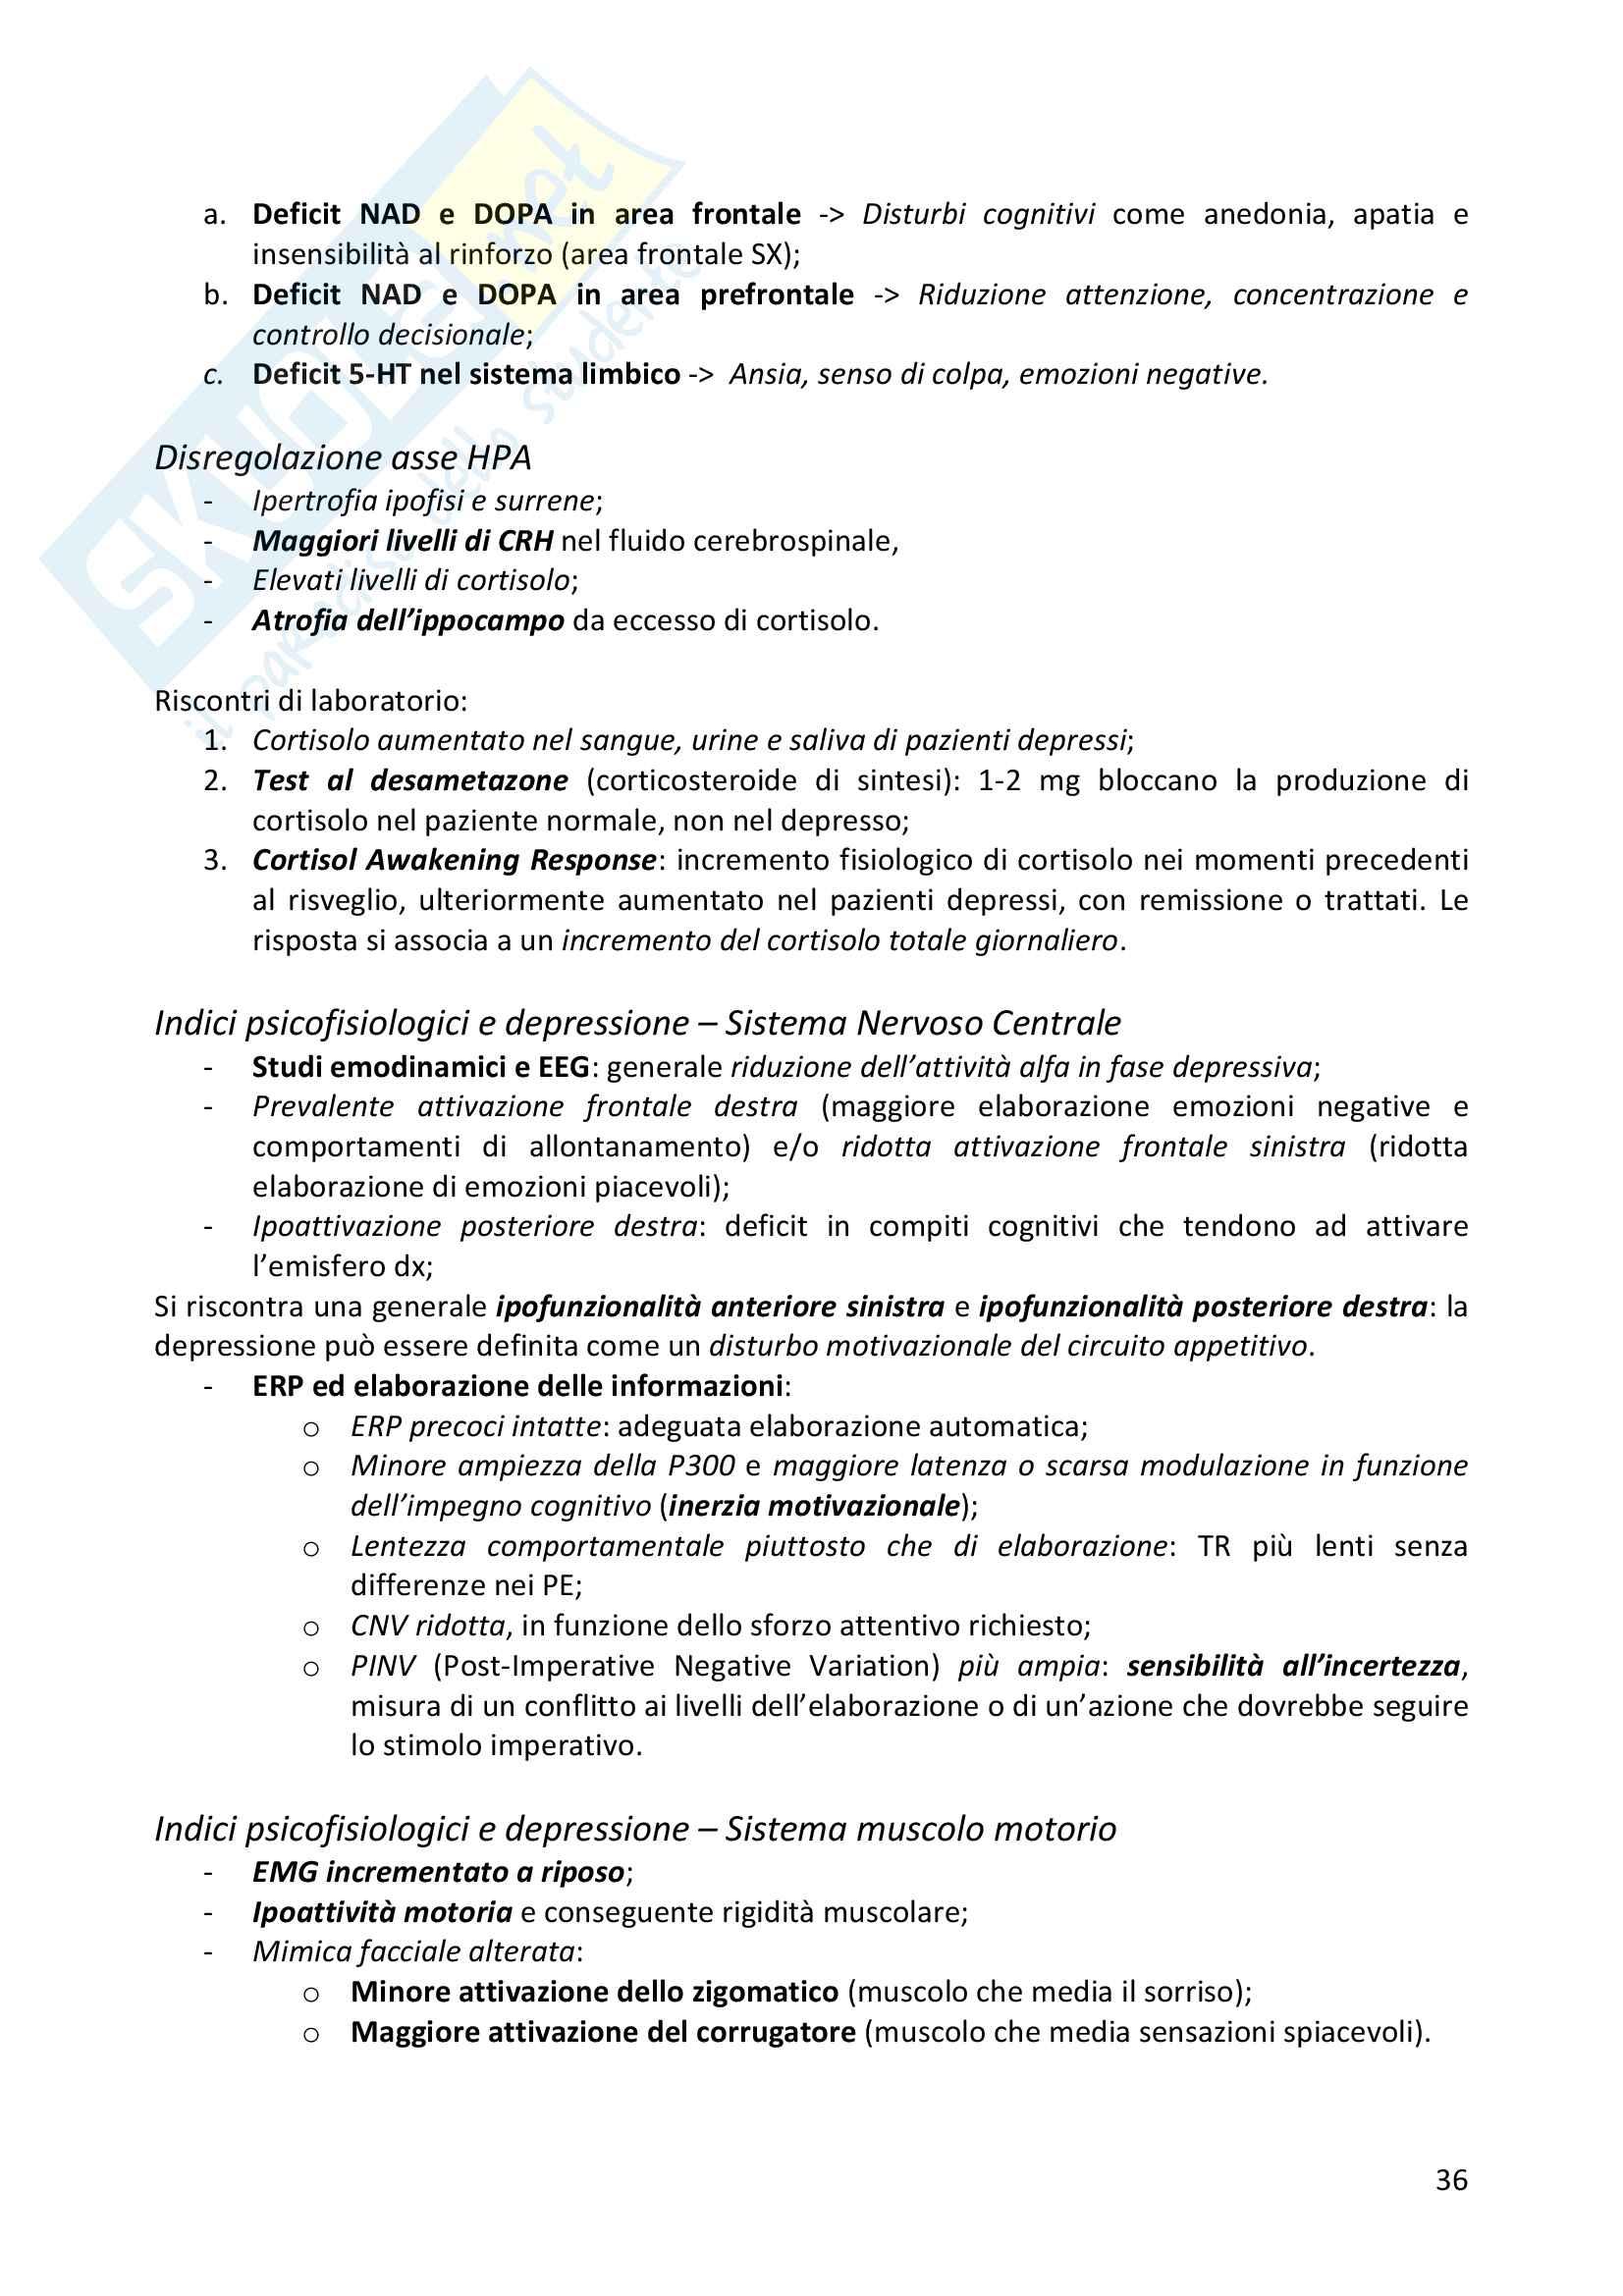 Psicofisiologia Clinica e Psicosomatica Pag. 36